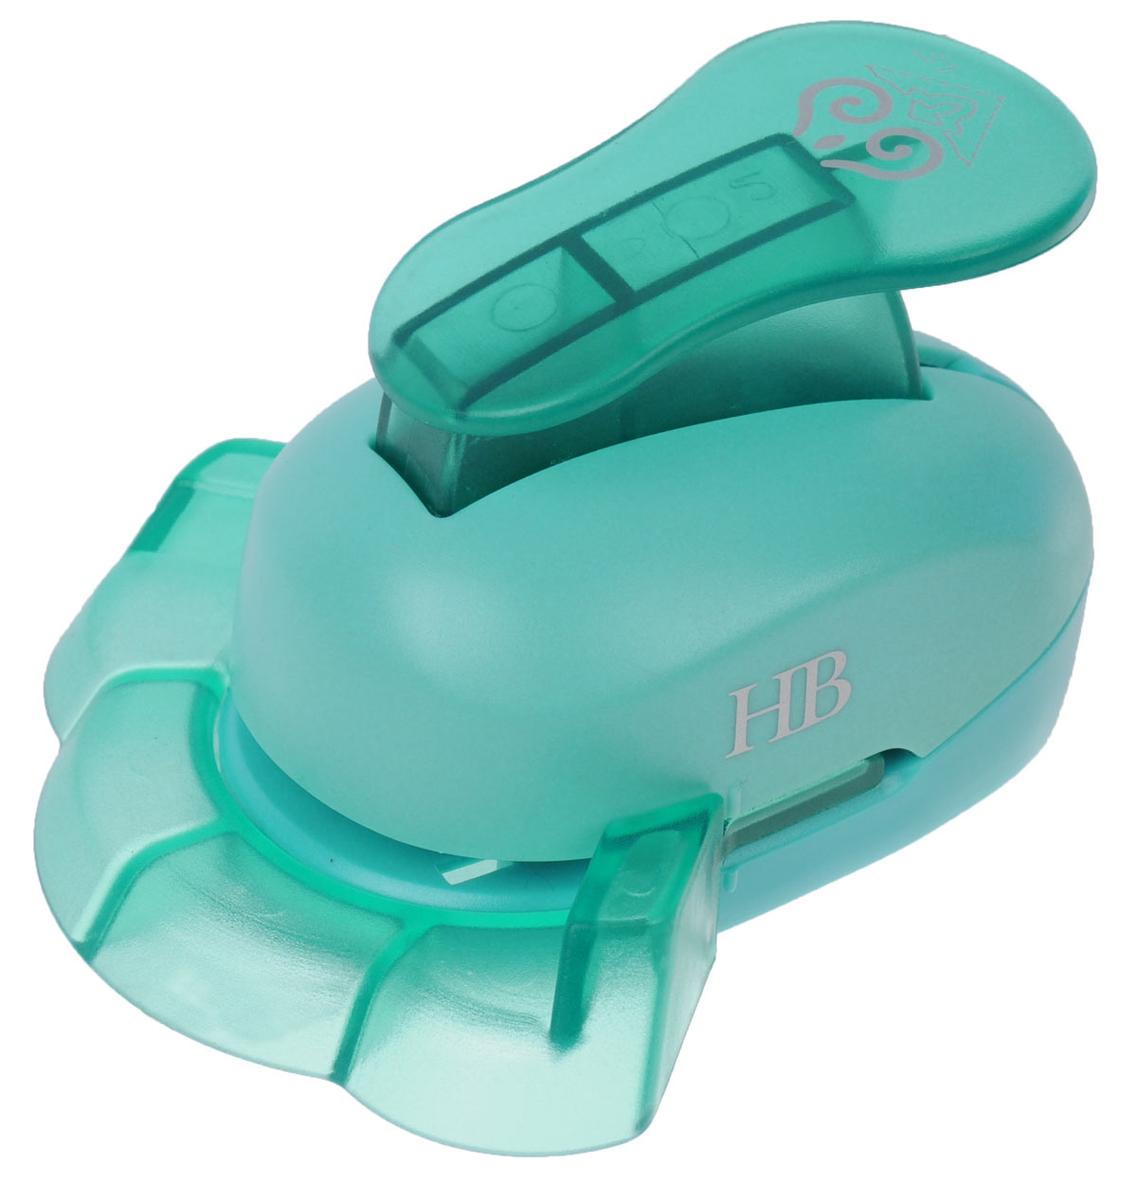 Дырокол фигурный Hobbyboom, угловой, цвет: бирюзовый, №5, 3,8 смKM-8815M-005Фигурный угловой дырокол Hobbyboom поможет вам легко, просто и аккуратновырезать много одинаковых мелких фигурок. Режущие части компостера закрыты пластмассовым корпусом, что обеспечиваетбезопасность для детей. Вырезанные фигурки накапливаются в специальномрезервуаре. Можно использовать вырезанные мотивы как конфетти или длянаклеивания.Угловой дырокол подходит для разных техник: декупажа, скрапбукинга,декорирования. Рекомендуемая плотность бумаги - 120-180 г/м2. Размер готовой фигурки: 3,8 см х 2 см.